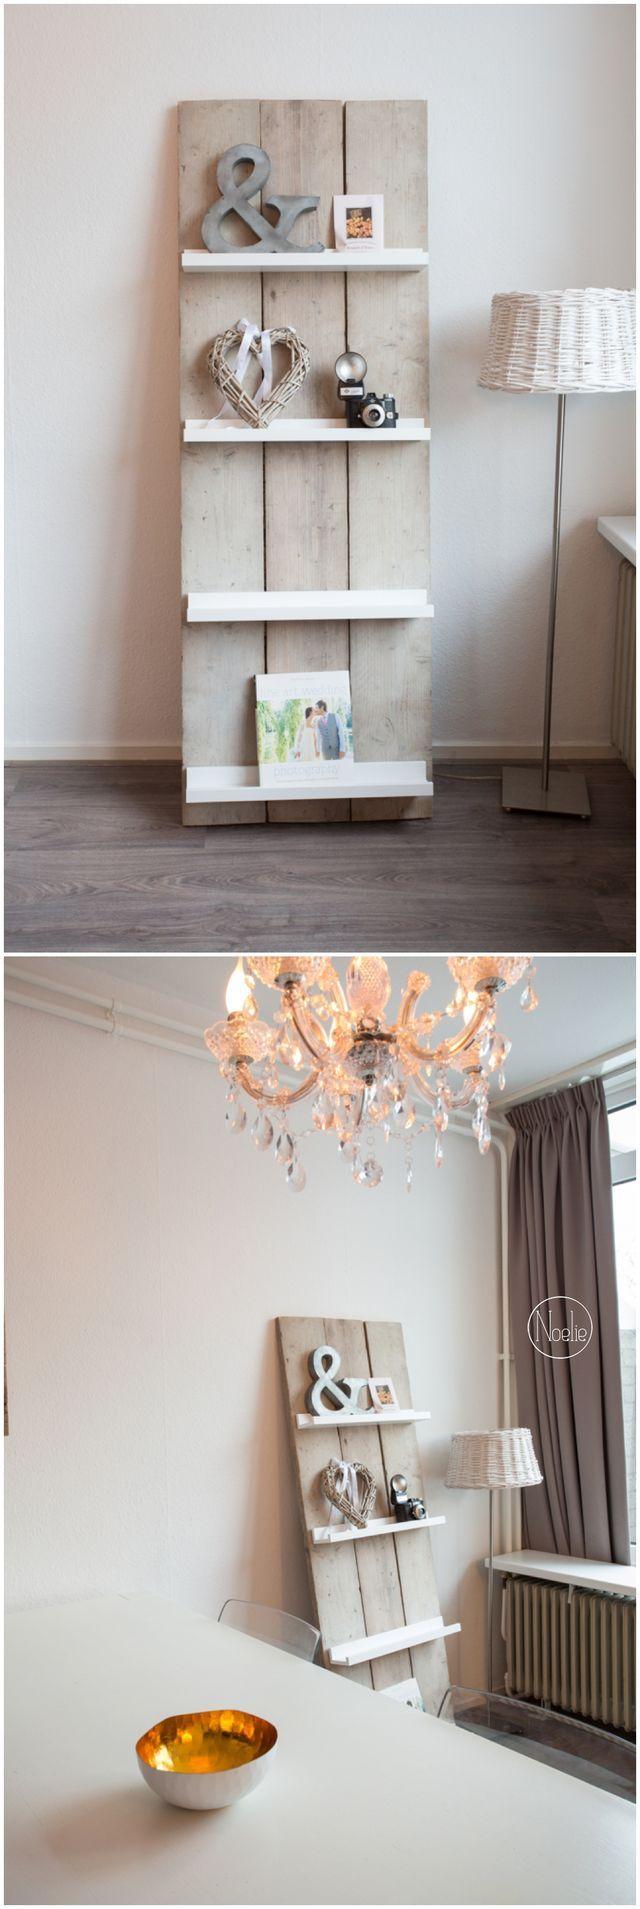 25 beste idee n over zelfgemaakte salontafels op pinterest meubilair zelfgemaakte - Decoratie tafel basse ...